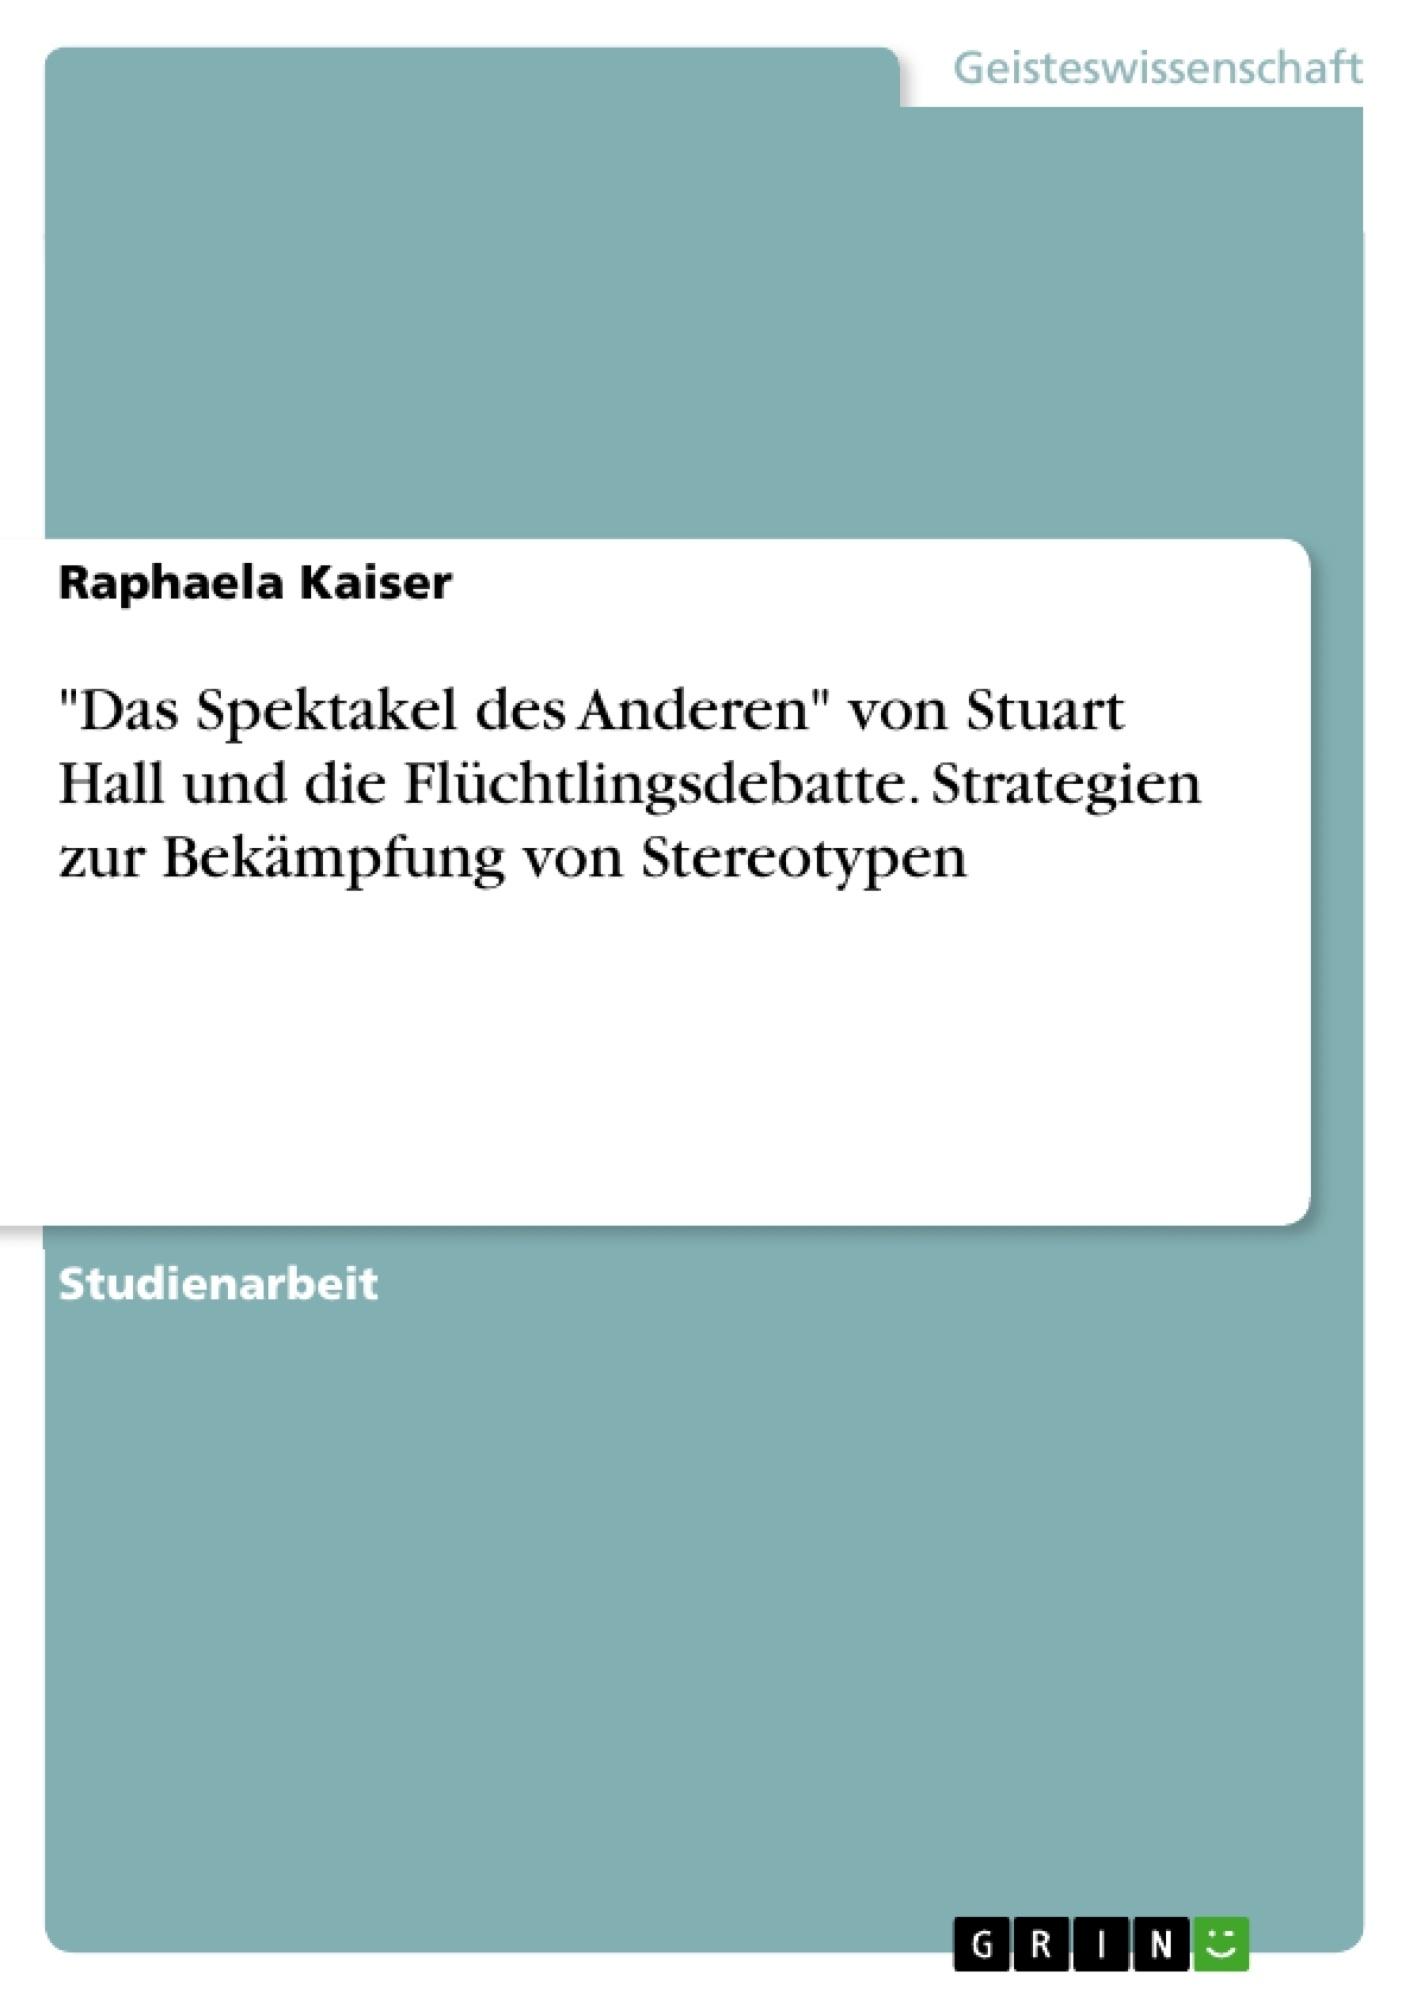 """Titel: """"Das Spektakel des Anderen"""" von Stuart Hall und die Flüchtlingsdebatte. Strategien zur Bekämpfung von Stereotypen"""